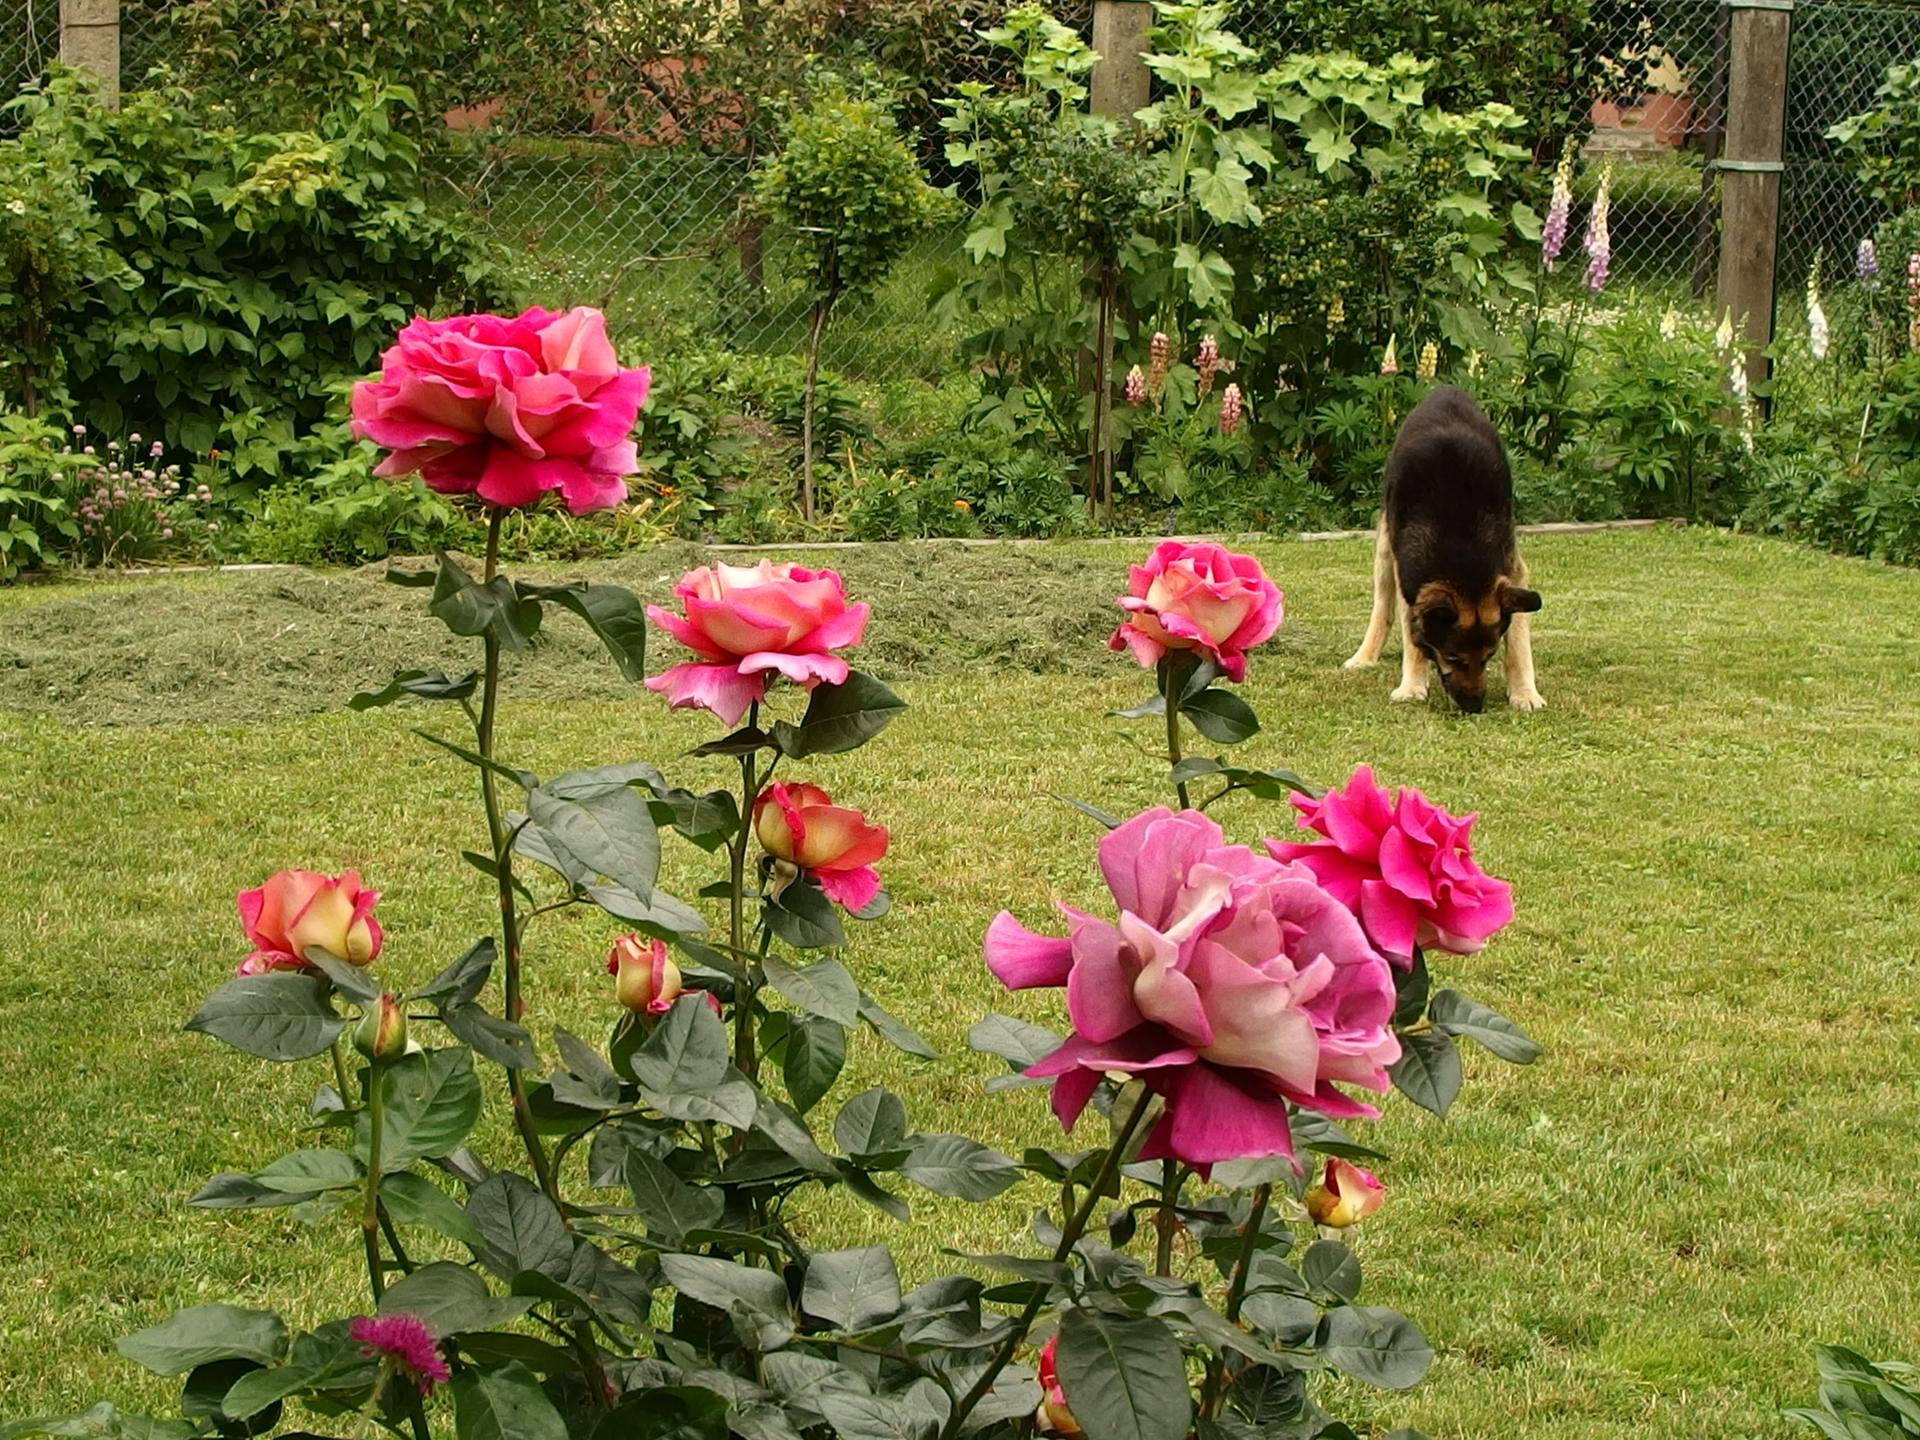 Zahrada v červnu - vše roste a kvete jako o život.... - zadní část zahrady, kde jsou u plotu rybíz, angrešt, maliny i kytky